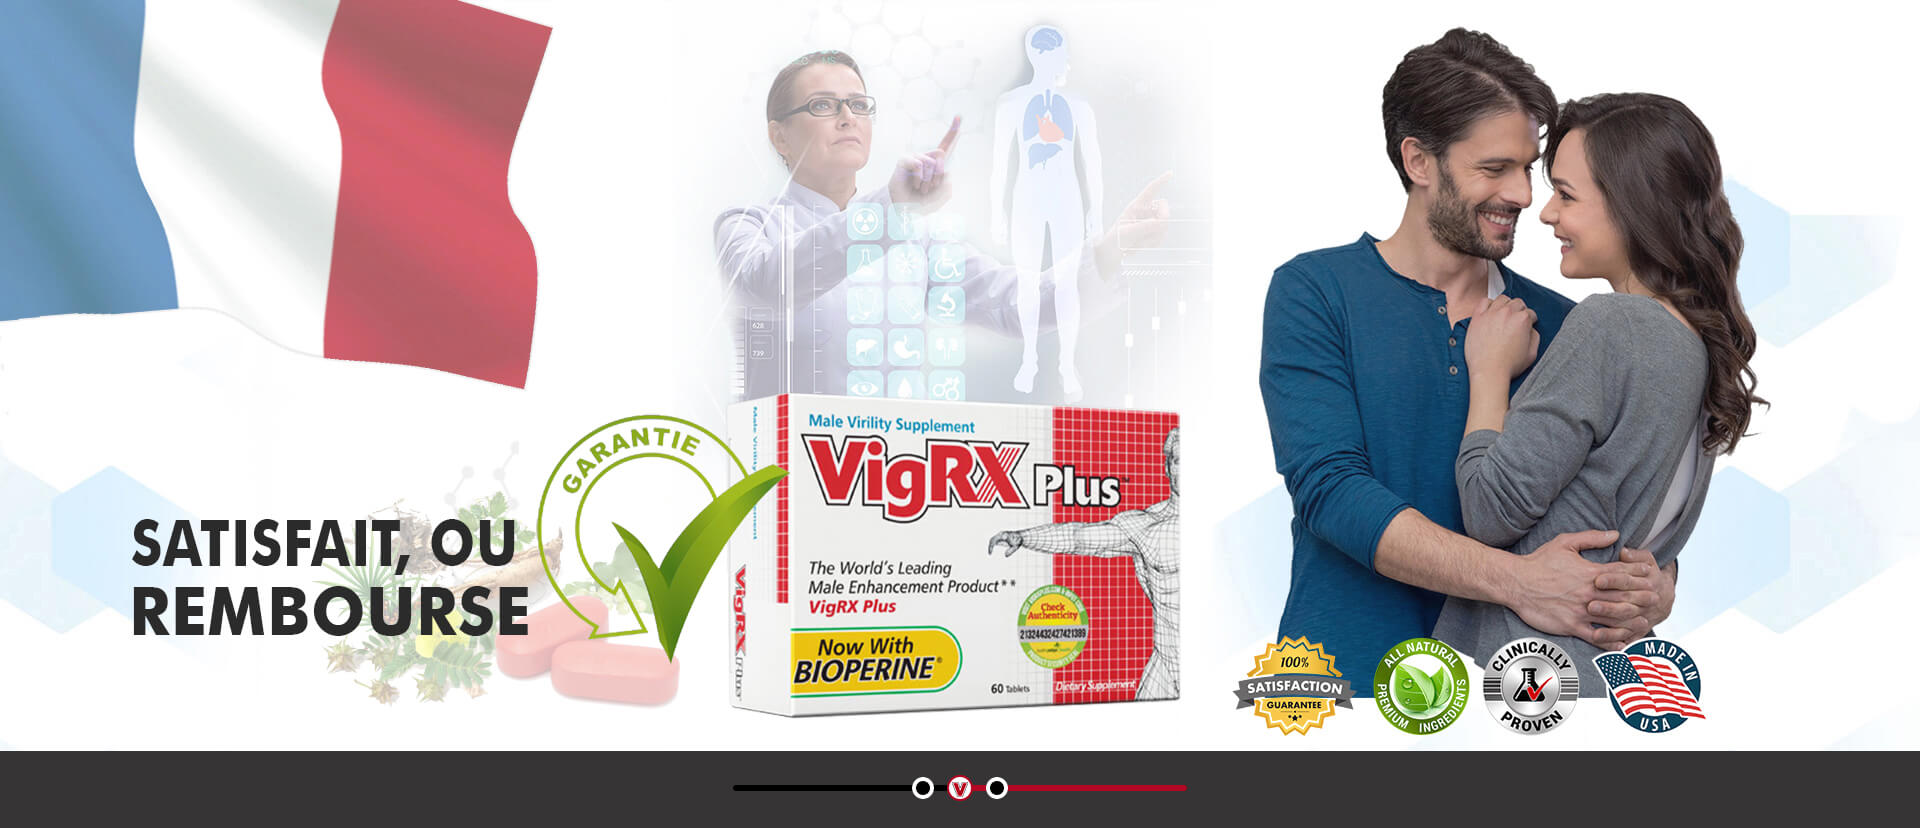 VigRX Plus 1